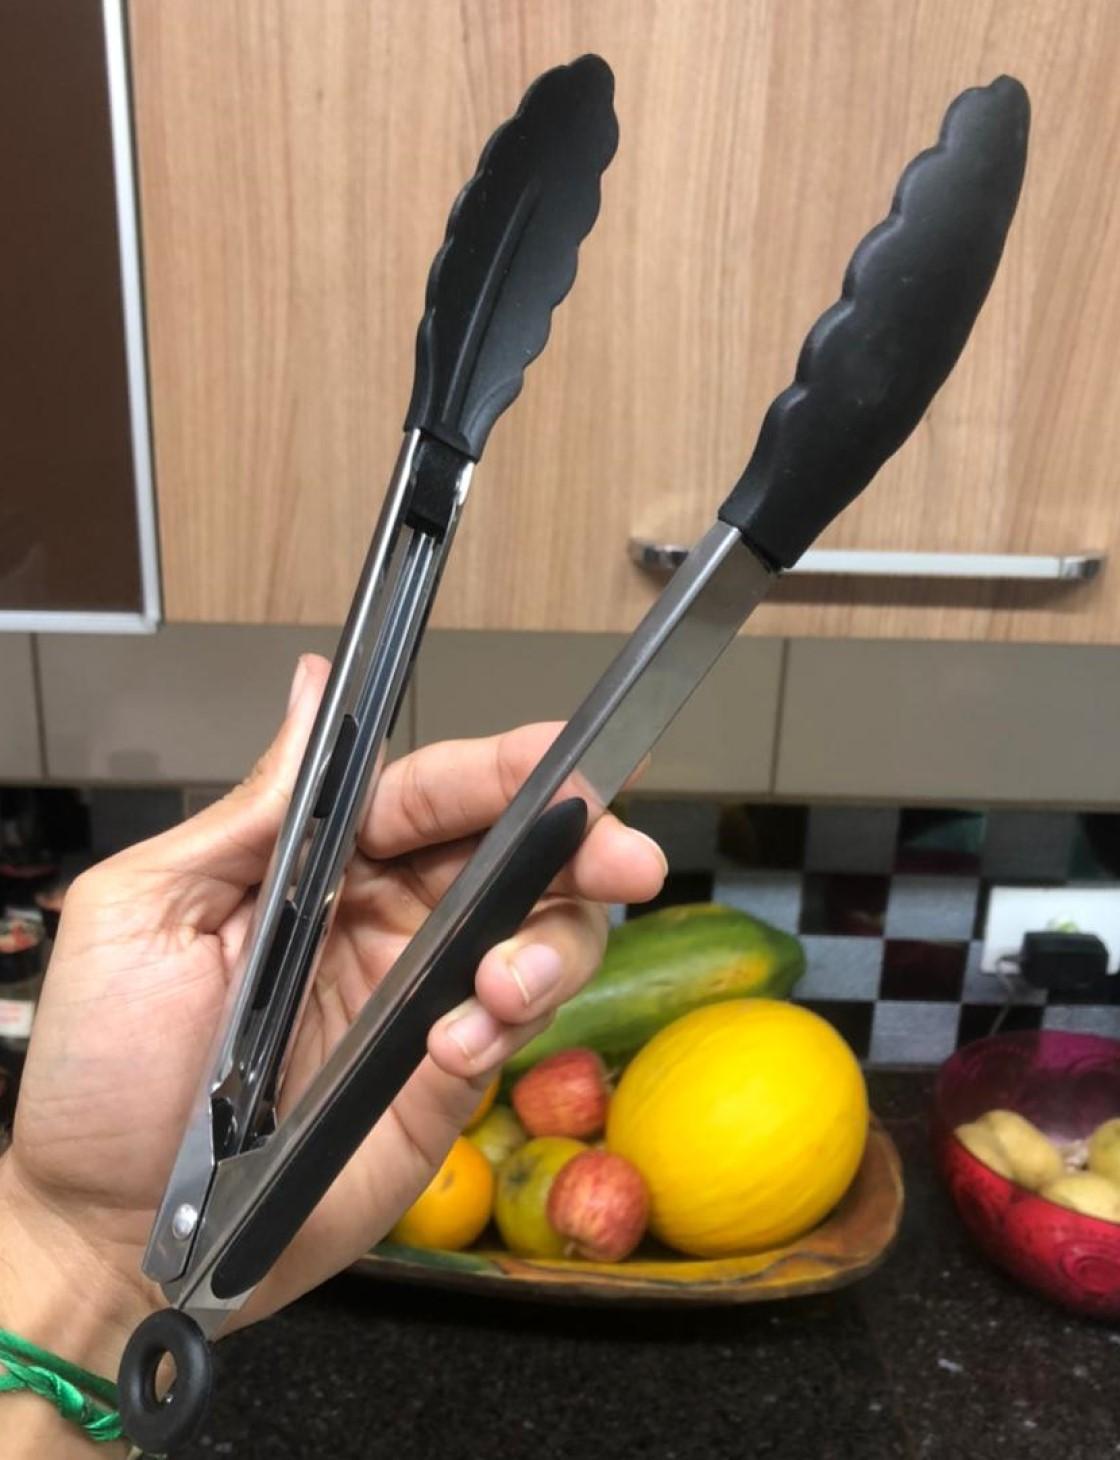 Pegador silicone carne churrasco salada cozinha pinça culinaria 30cm preto livre de bpa